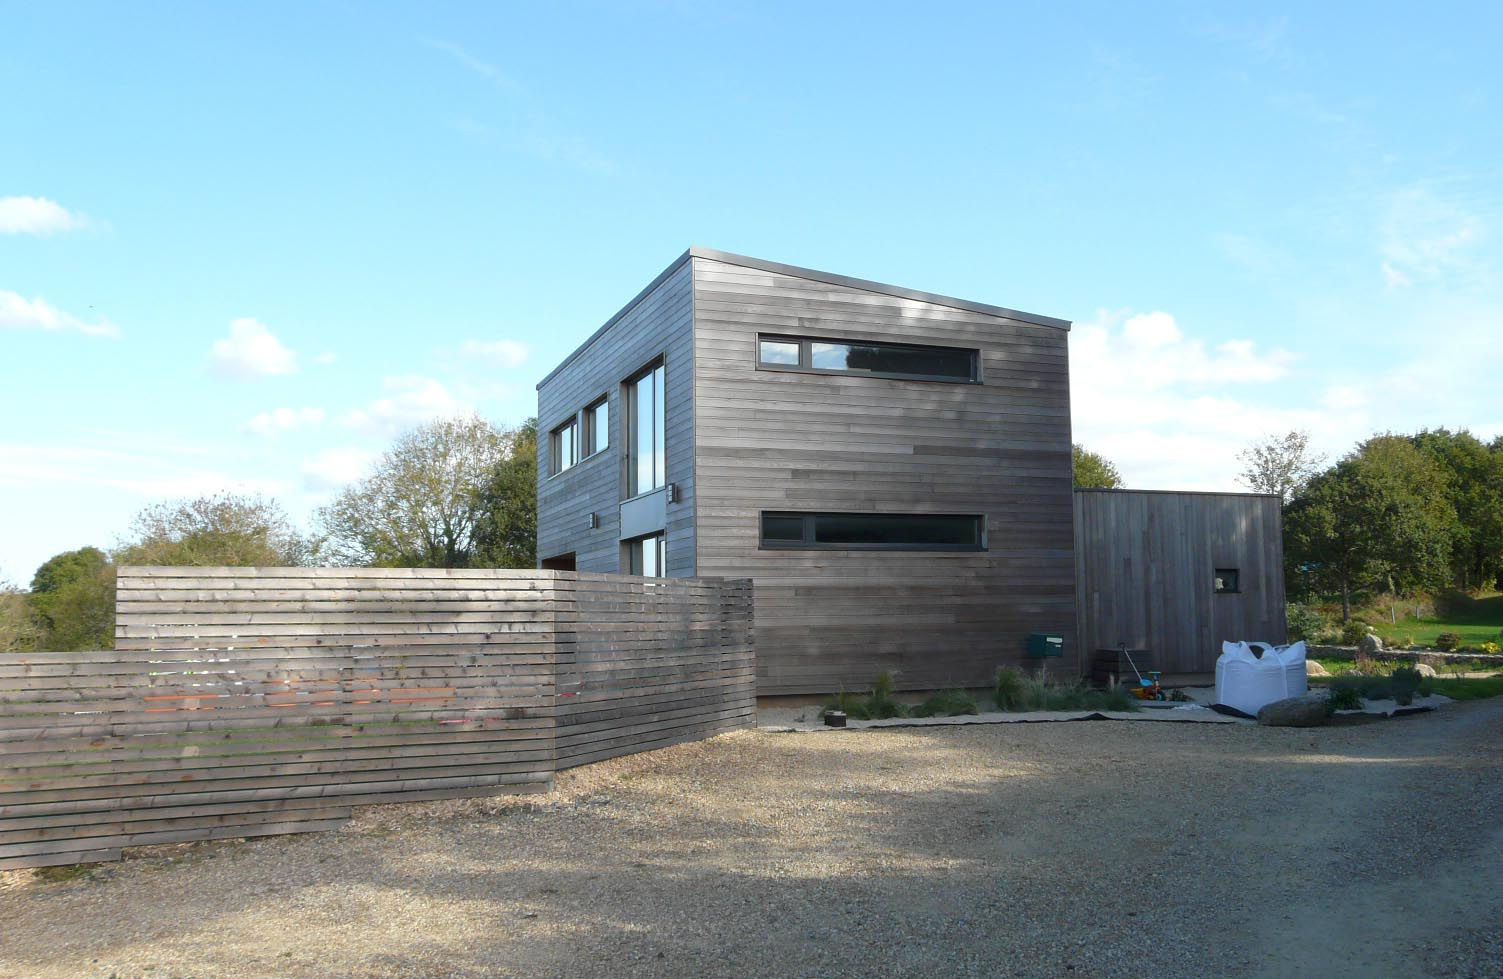 Charles geffroy architecte desa maison individuelle for Architecte grenoble maison individuelle